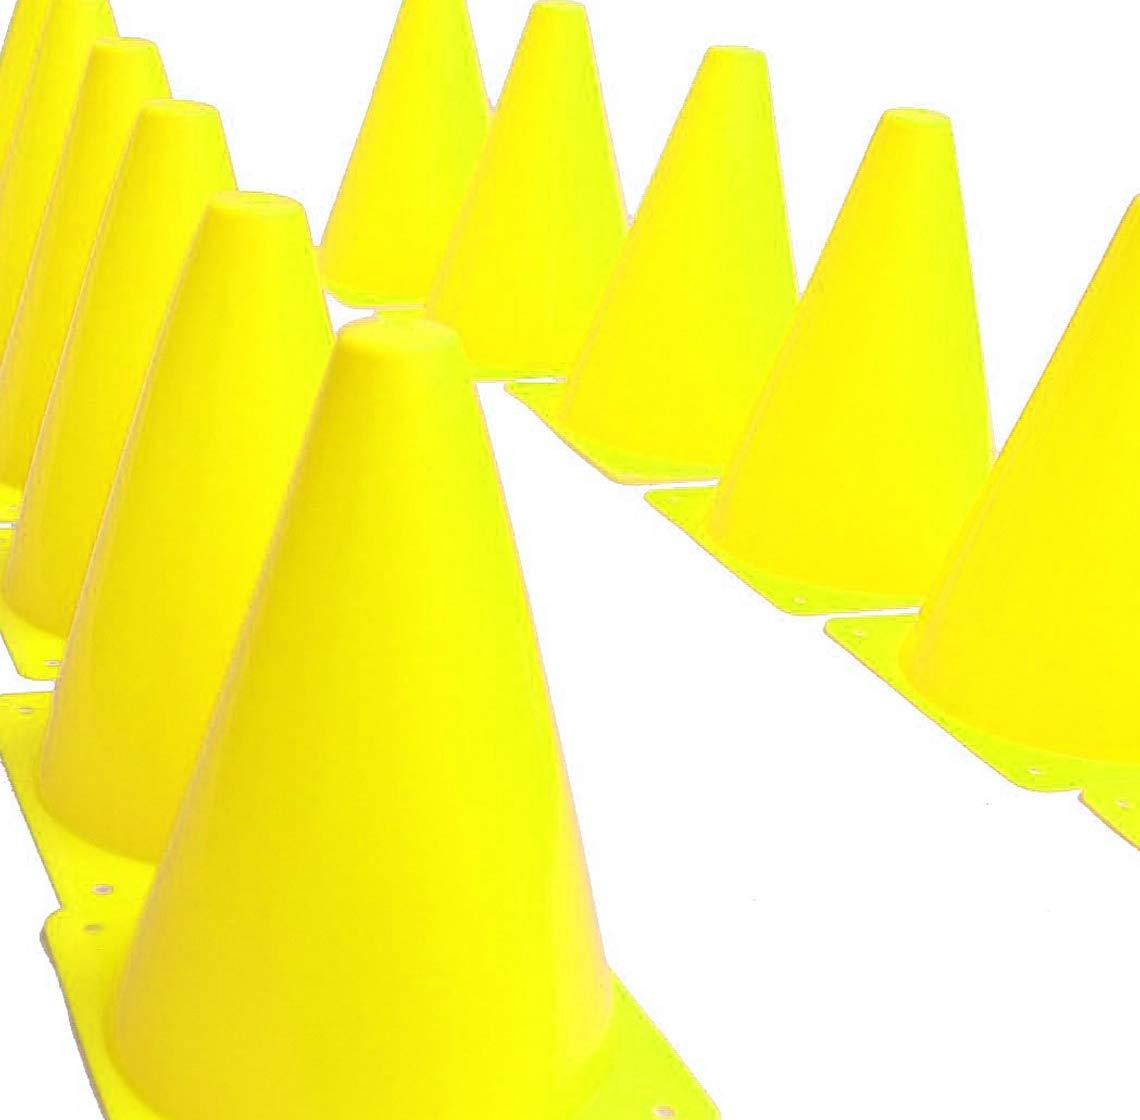 KINJOEK 7インチ スポーツトレーニングコーン 12パック 交通コーン 丸みを帯びたエッジ 安全 サッカー フットボール バスケットボール コーチ 機敏性 ドリル トレーニング フィールドマーカー コーン (イエロー)